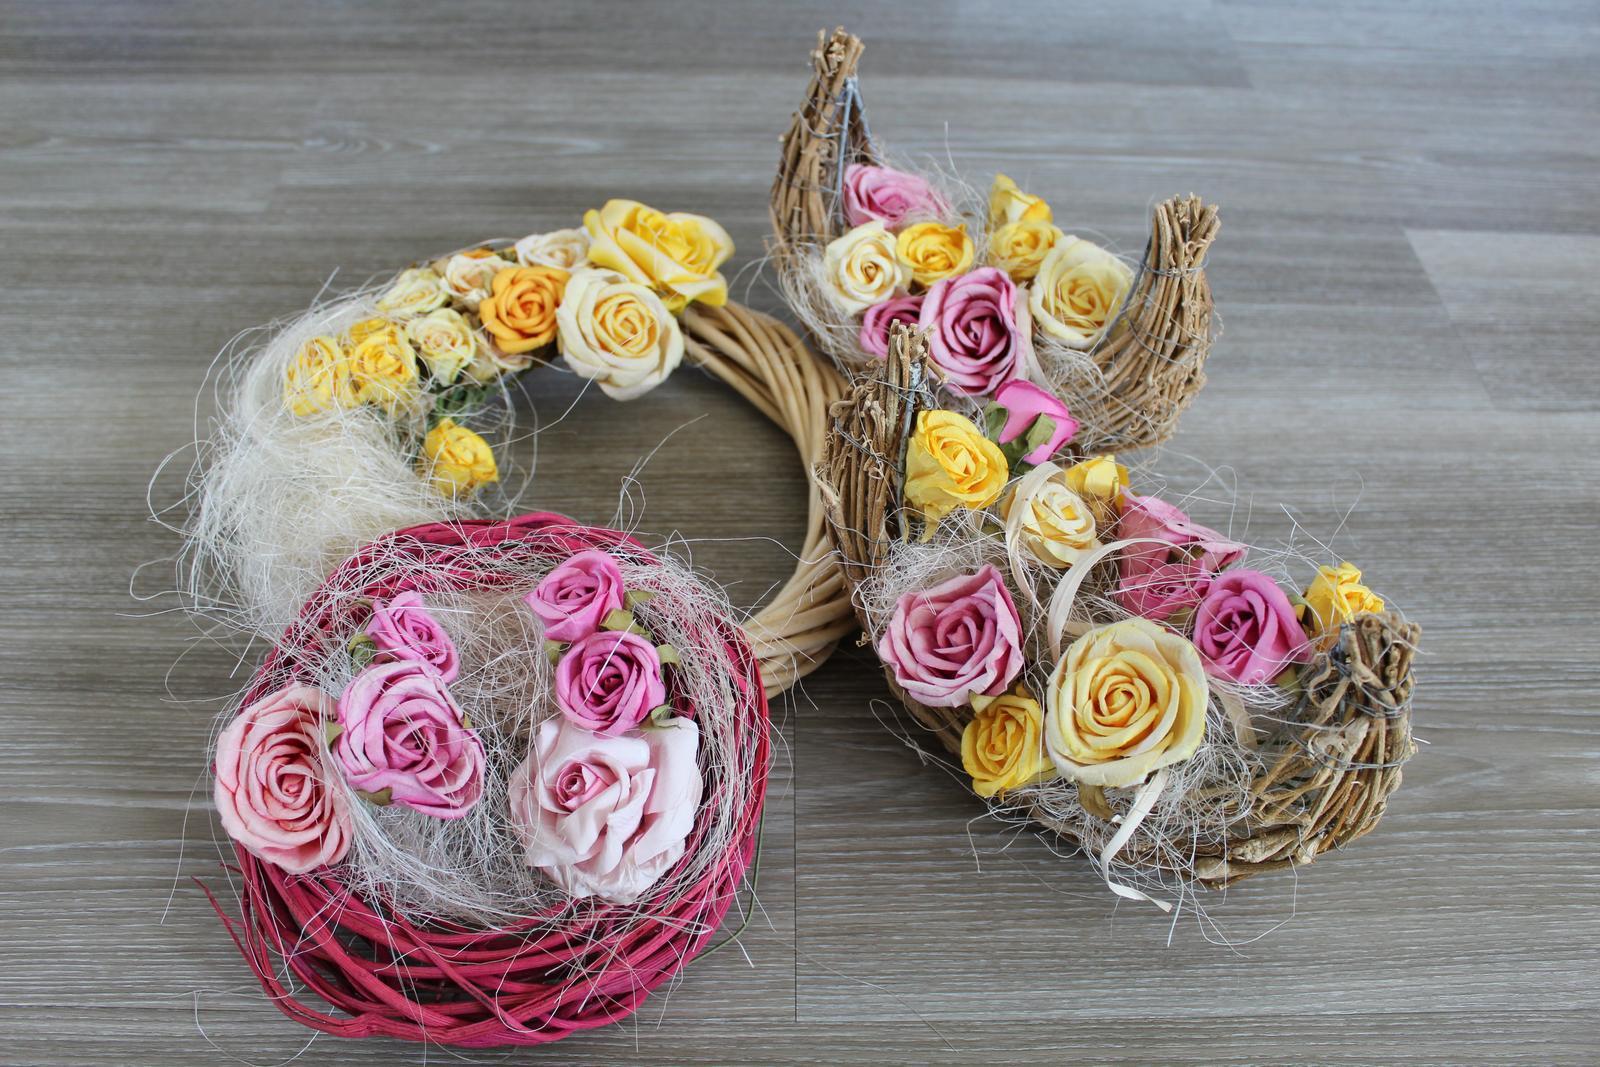 Věnec a dekorace s květinovou výzdobou, růže - Obrázek č. 3